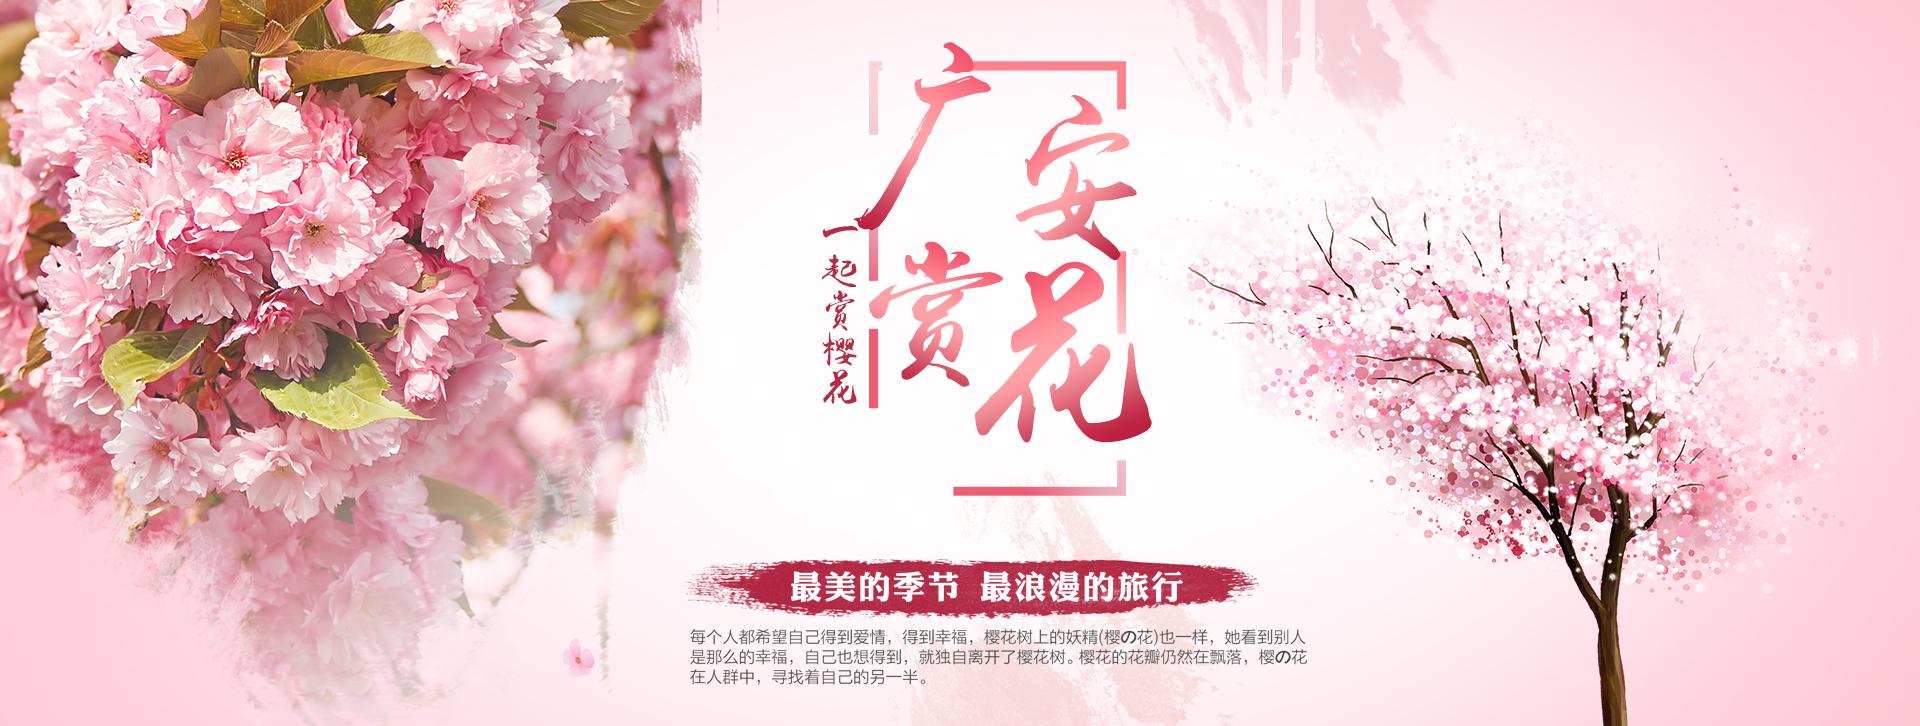 广安观光赏花